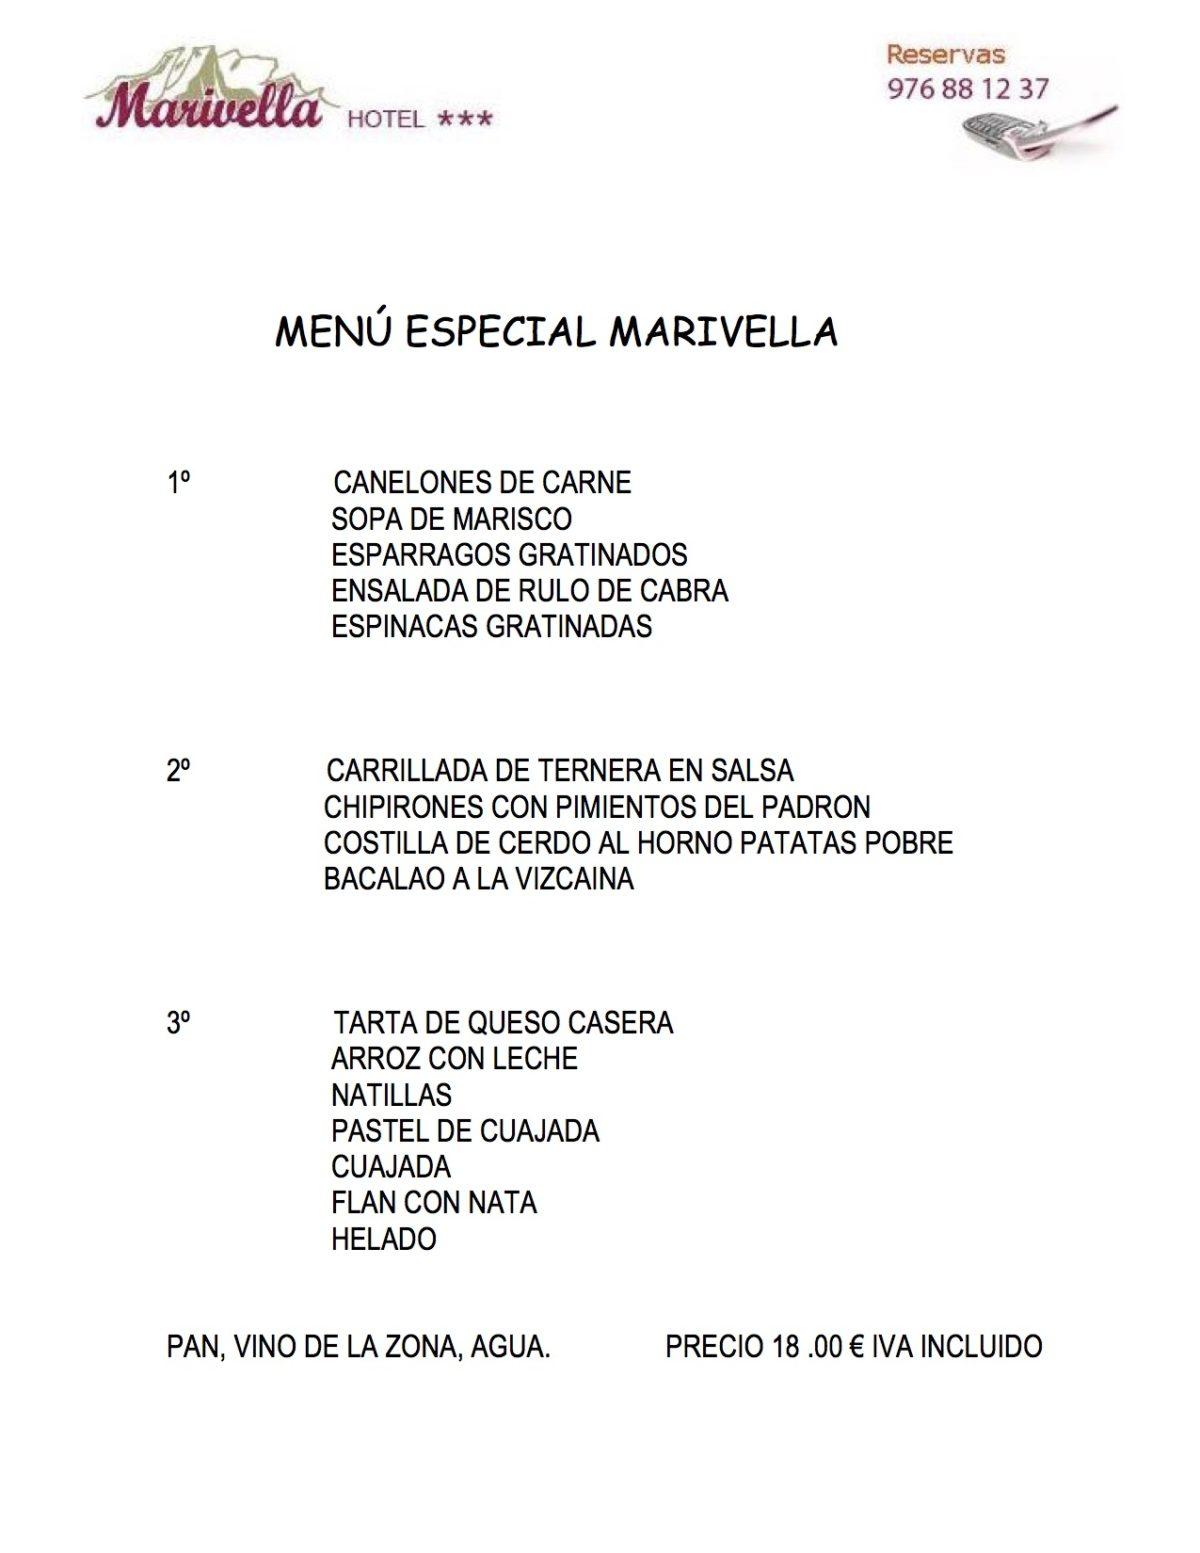 MENU-ESPECIAL-MARIVELLA-SOPA-DE-MARISCO-050118-1200x1553.jpg